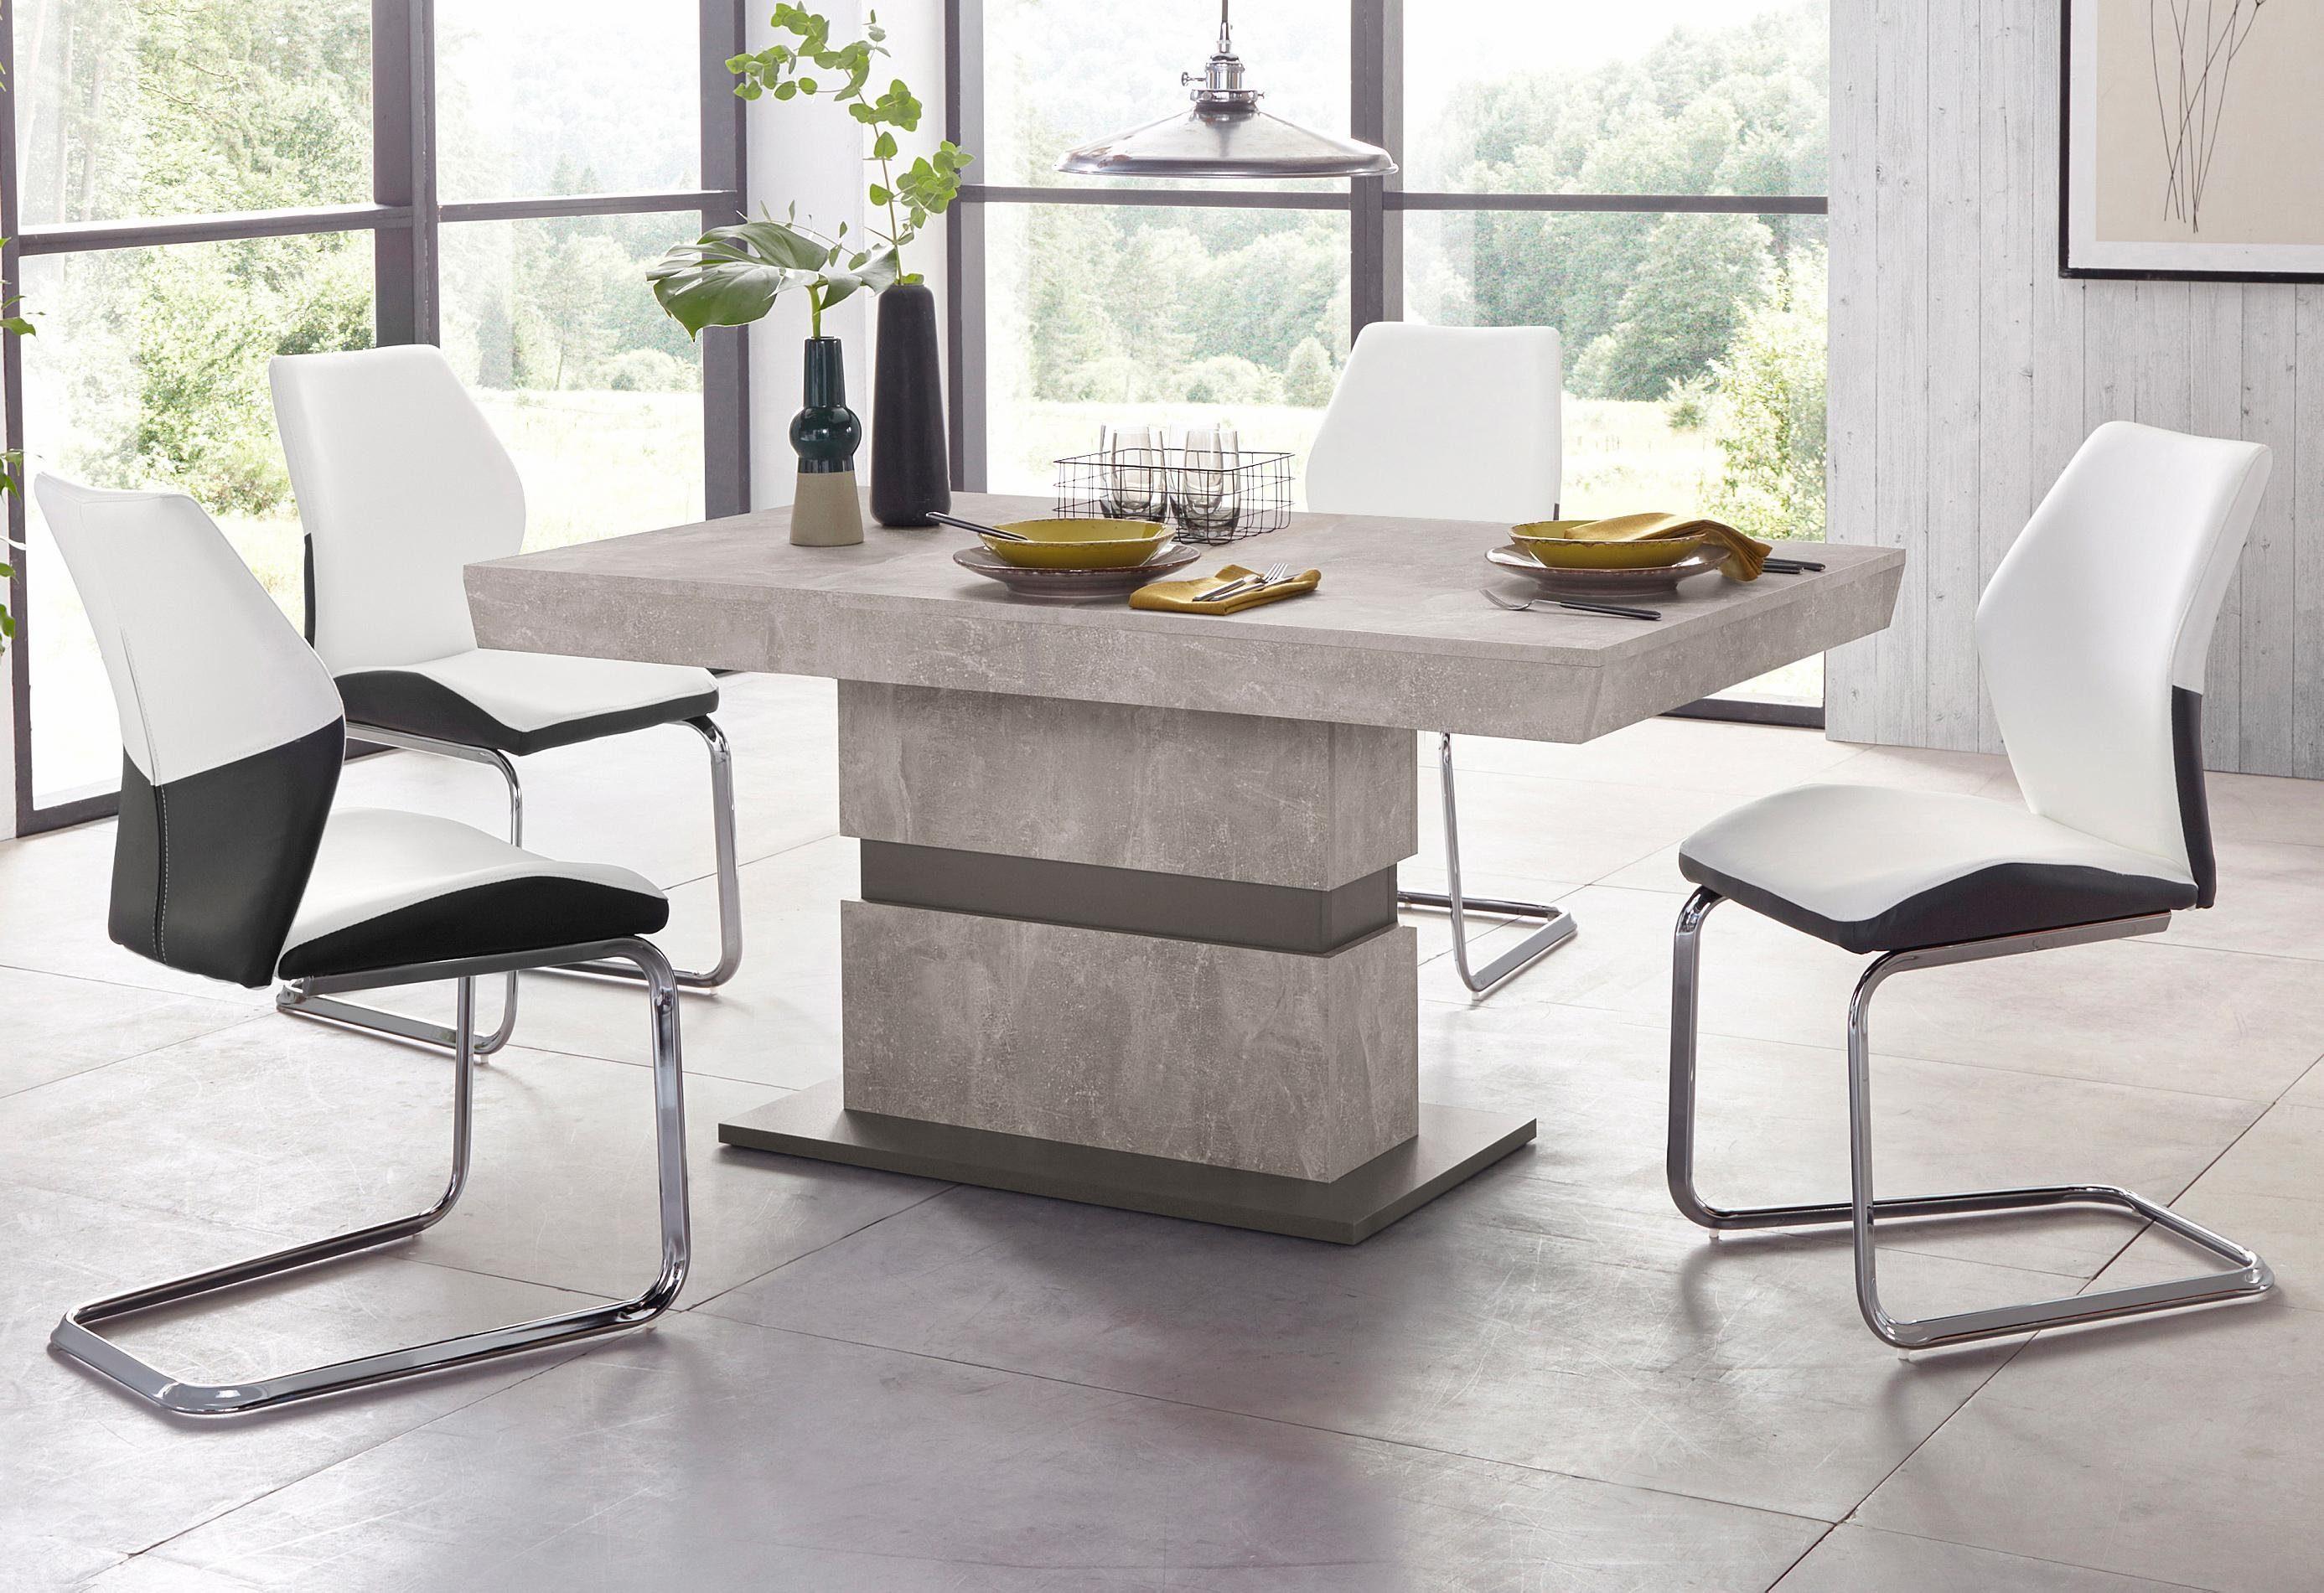 trendstabil hoeffner schuhschr nke online kaufen m bel. Black Bedroom Furniture Sets. Home Design Ideas